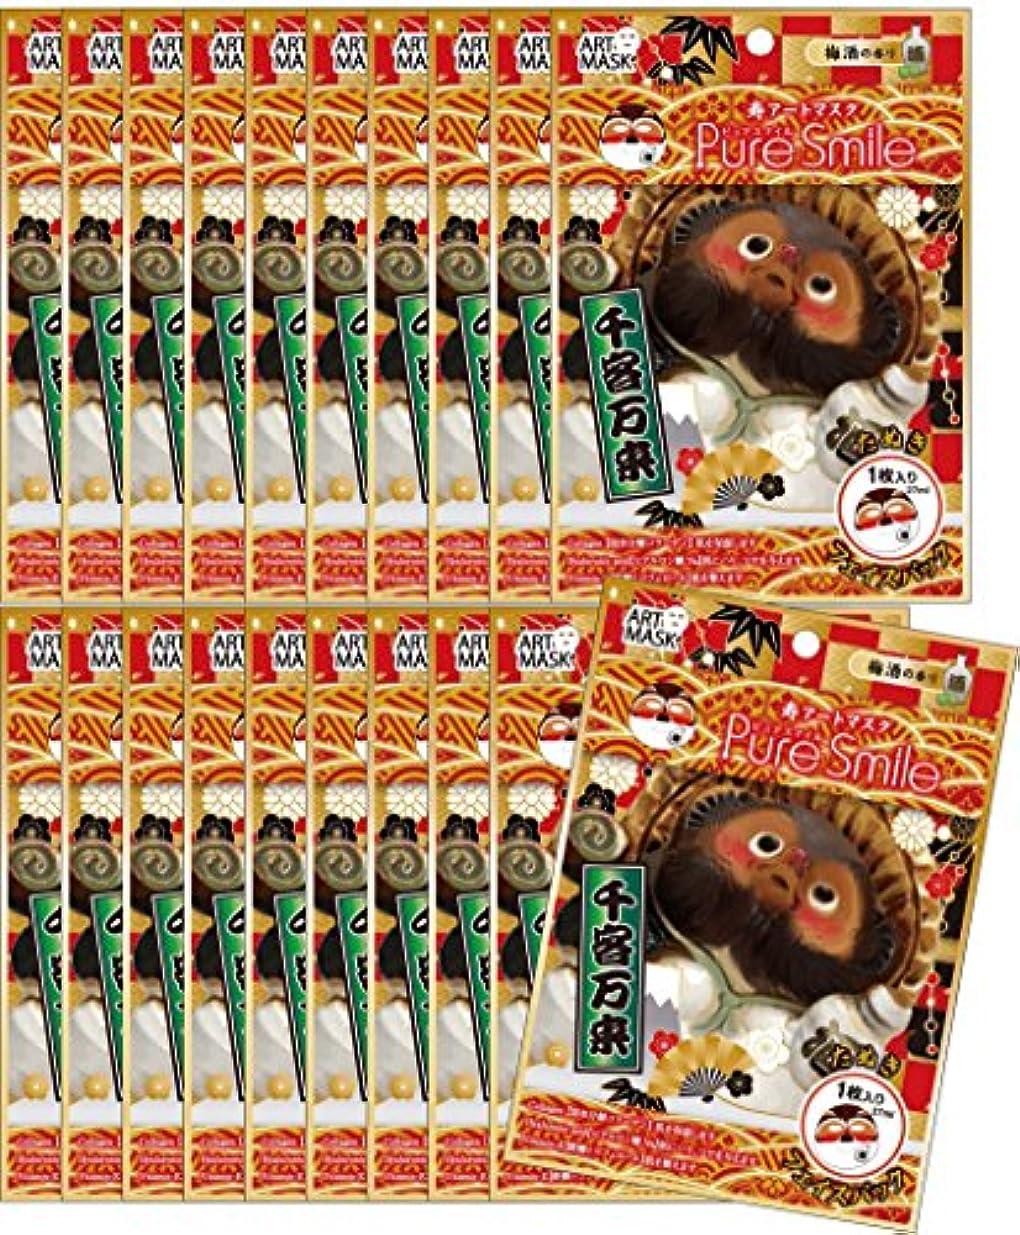 蛇行タックル悲しむ【ピュアスマイル】『迎春寿アートマスク』(たぬき/梅酒の香り)20枚セット